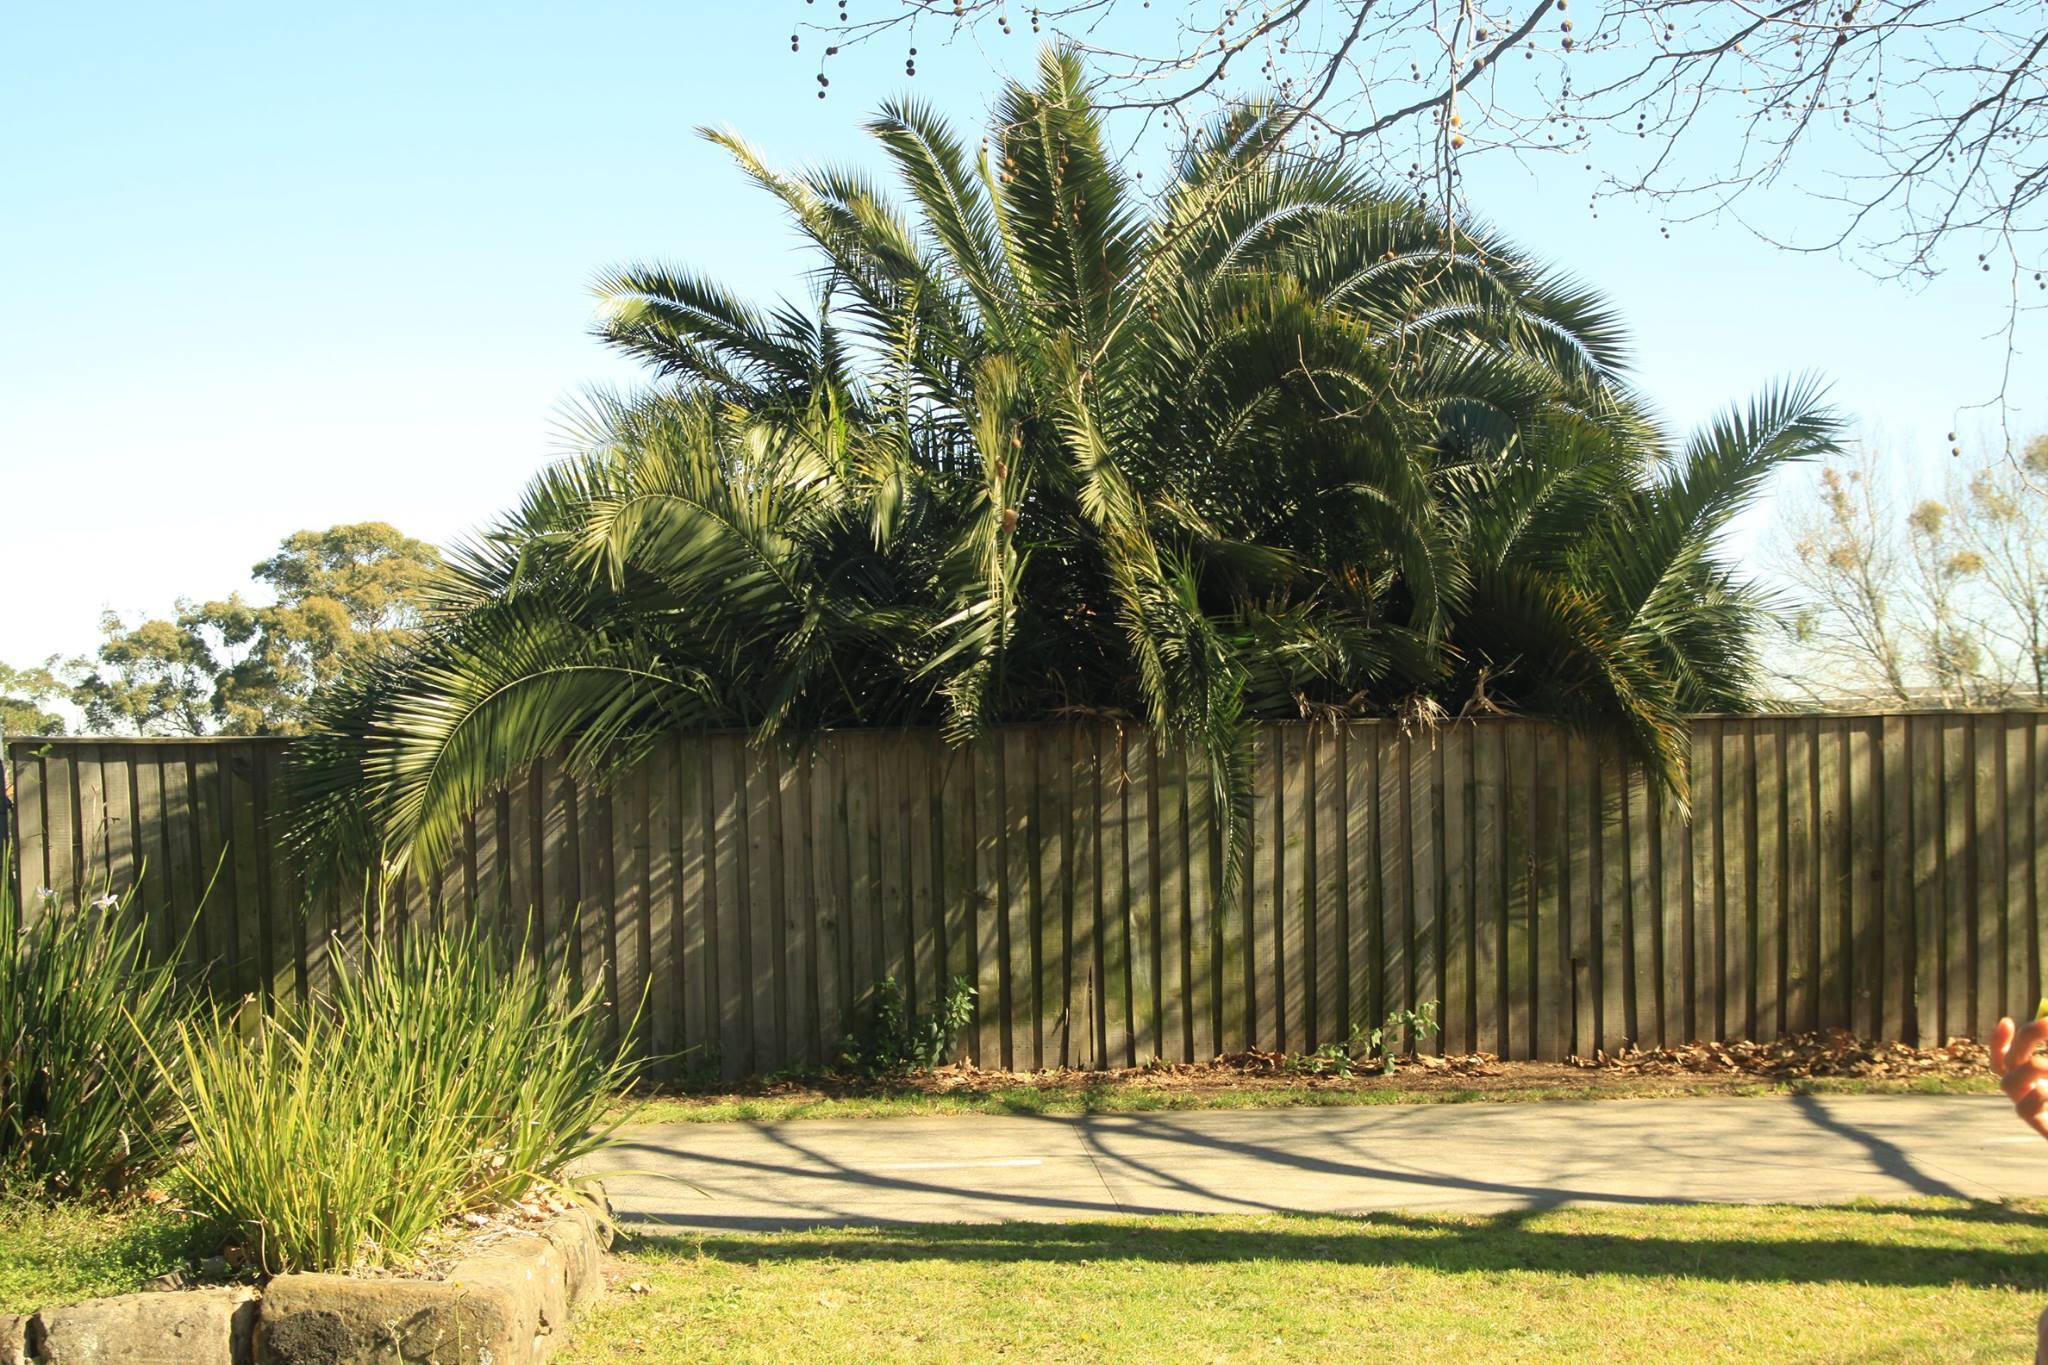 53 Palm